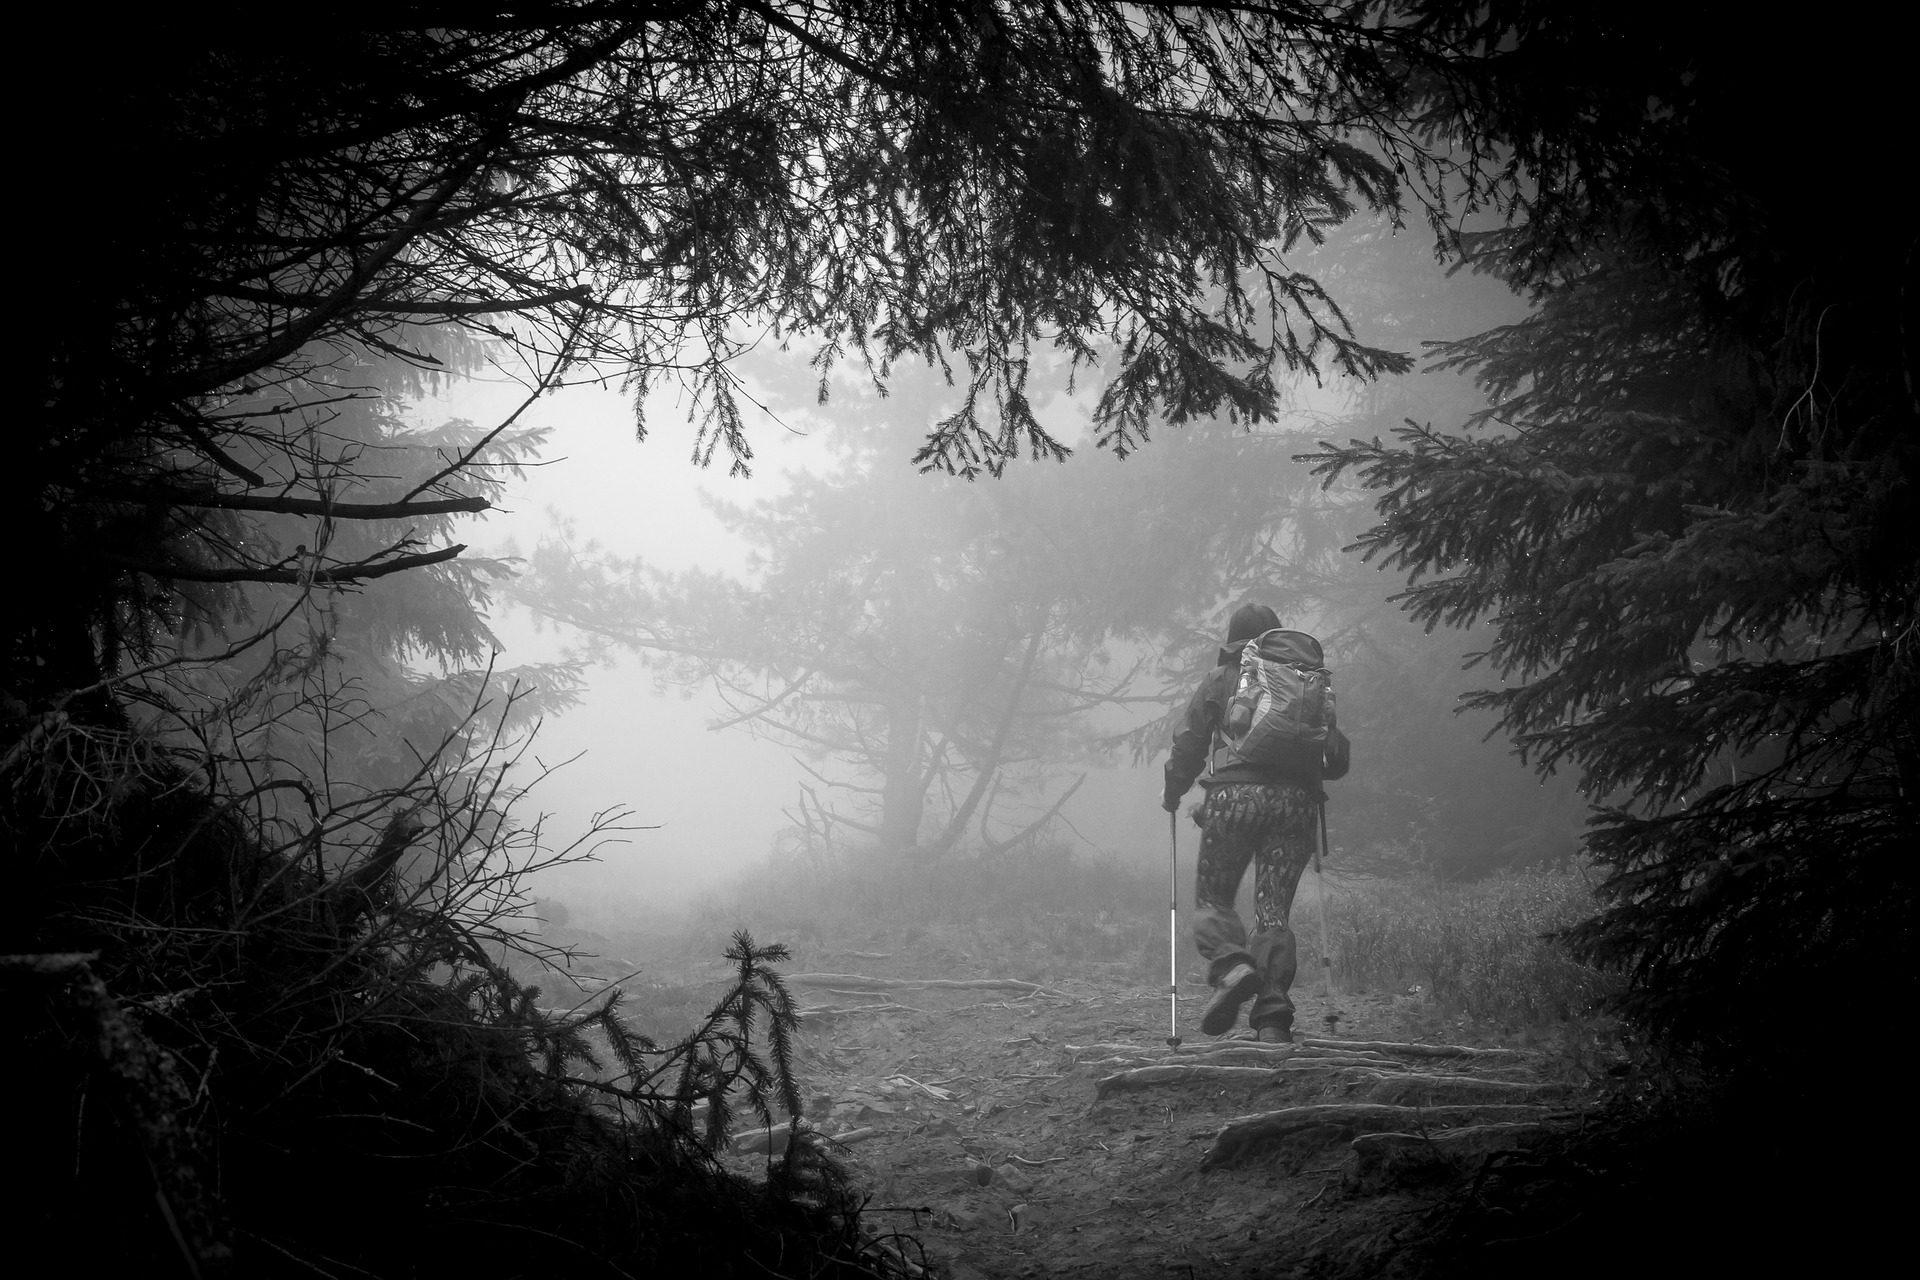 alpinista, floresta, nevoeiro, escuridão, em preto e branco - Papéis de parede HD - Professor-falken.com